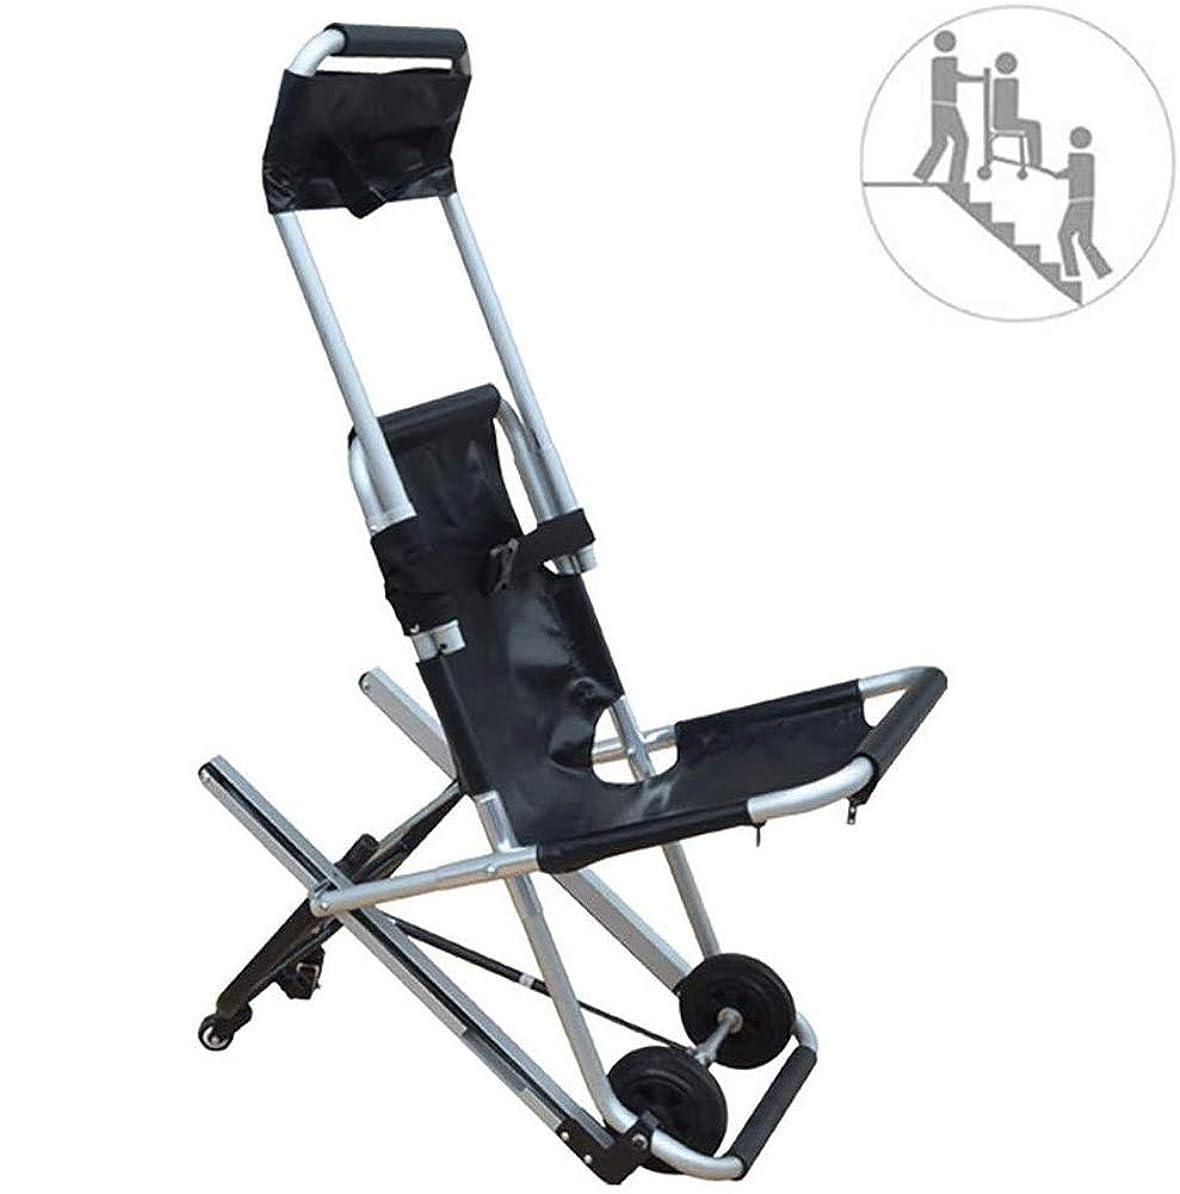 人道的火曜日発音折り畳み式のEMS階段椅子、高齢者、障害者のためのクイックリリースバックル付き4ホイールアルミ軽量医療モビリティエイドで追跡階段チェア (Color : 黒)